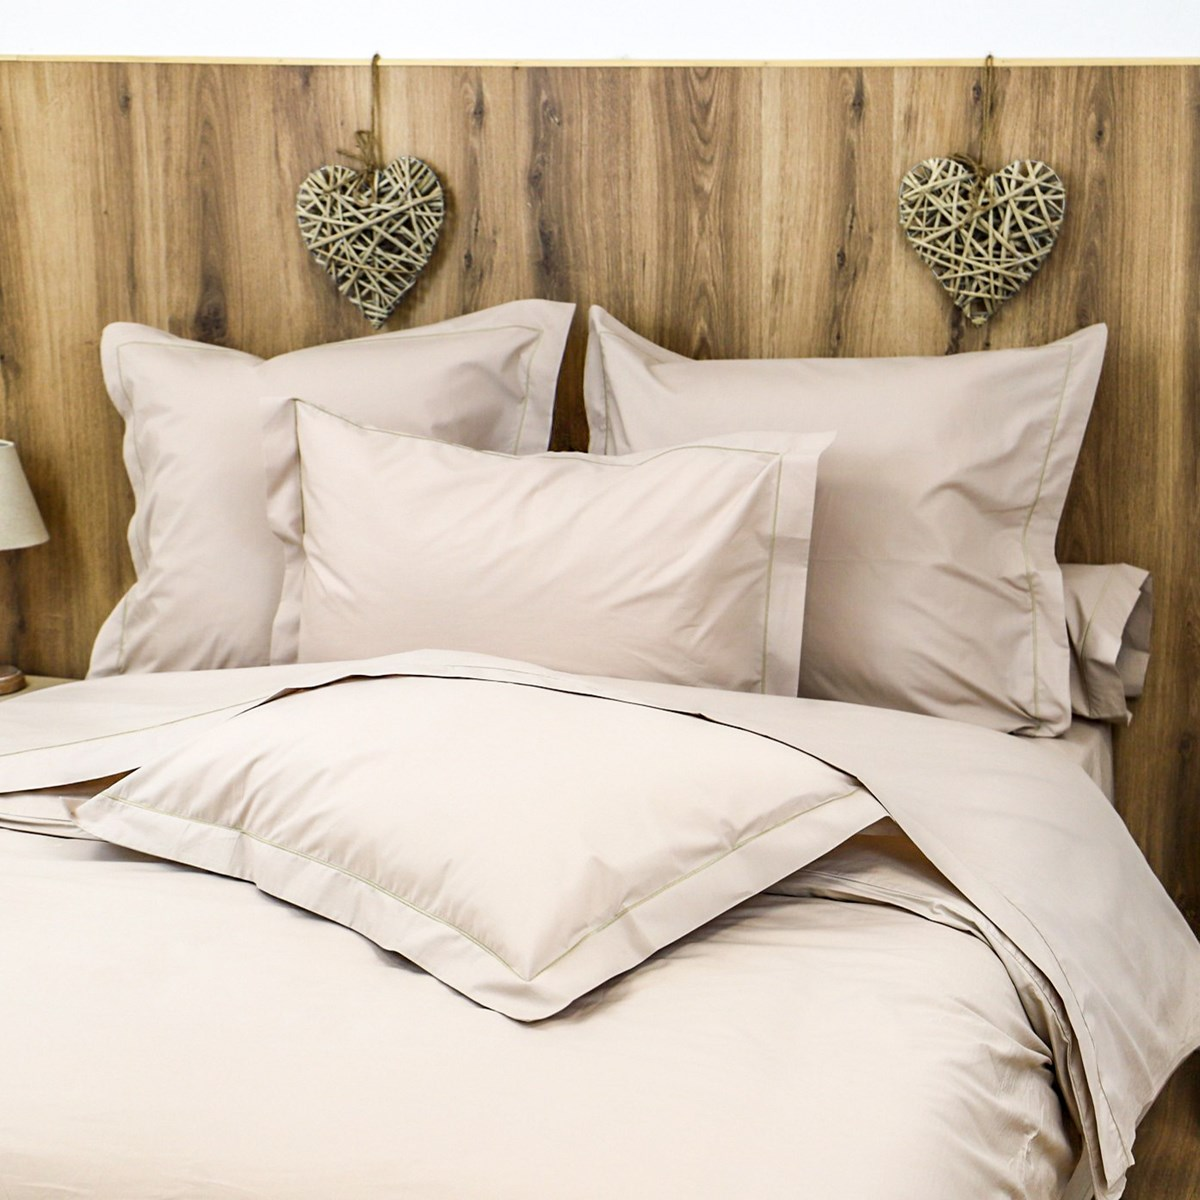 Parure drap plat et taies en percale de coton beige foncé 240x290 cm